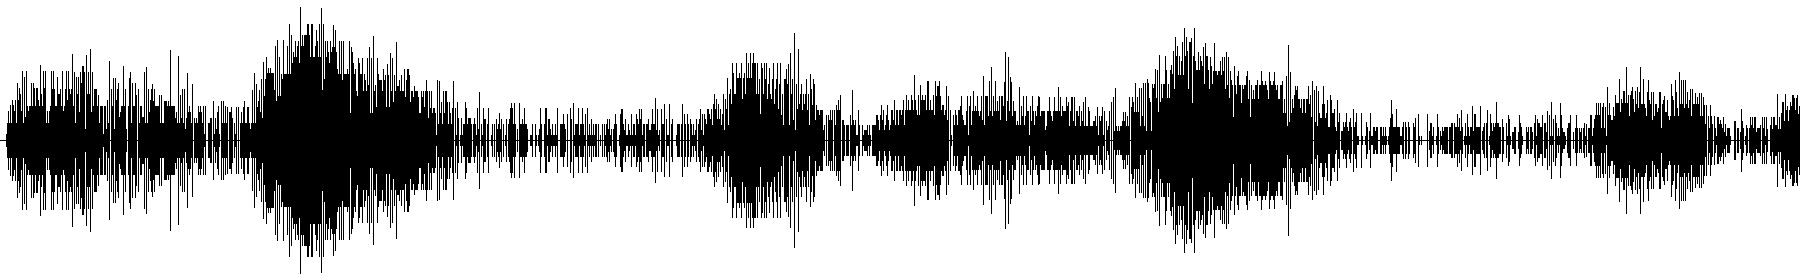 veh2 synths   115 c